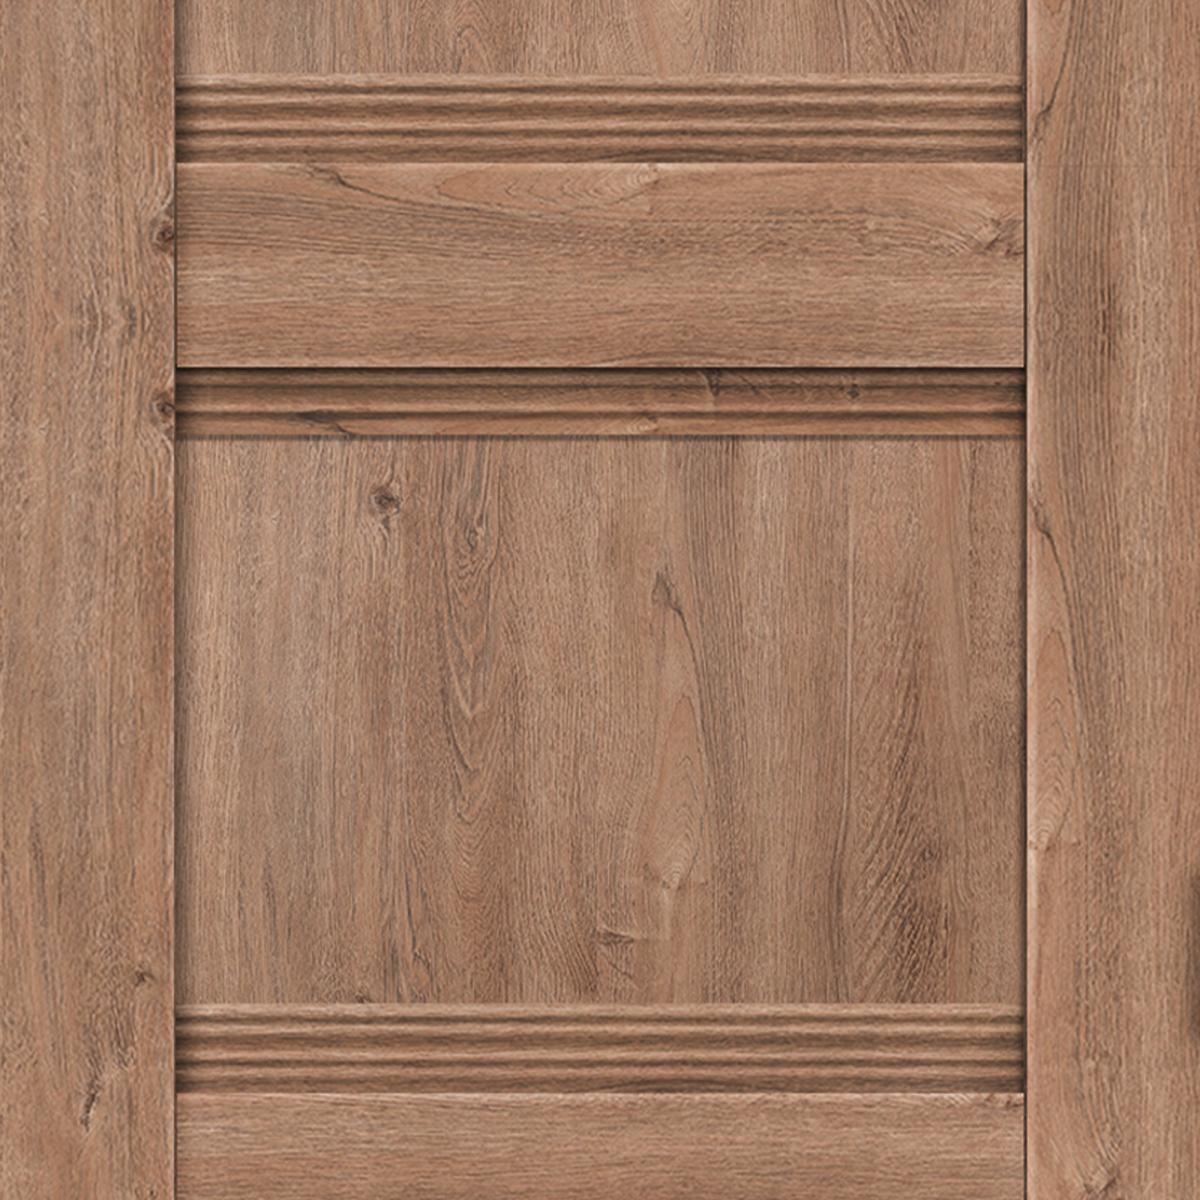 Дверь Межкомнатная Глухая С Замком И Петлями В Комплекте «Тоскана» 70x200 Цвет Дуб Бельмонт